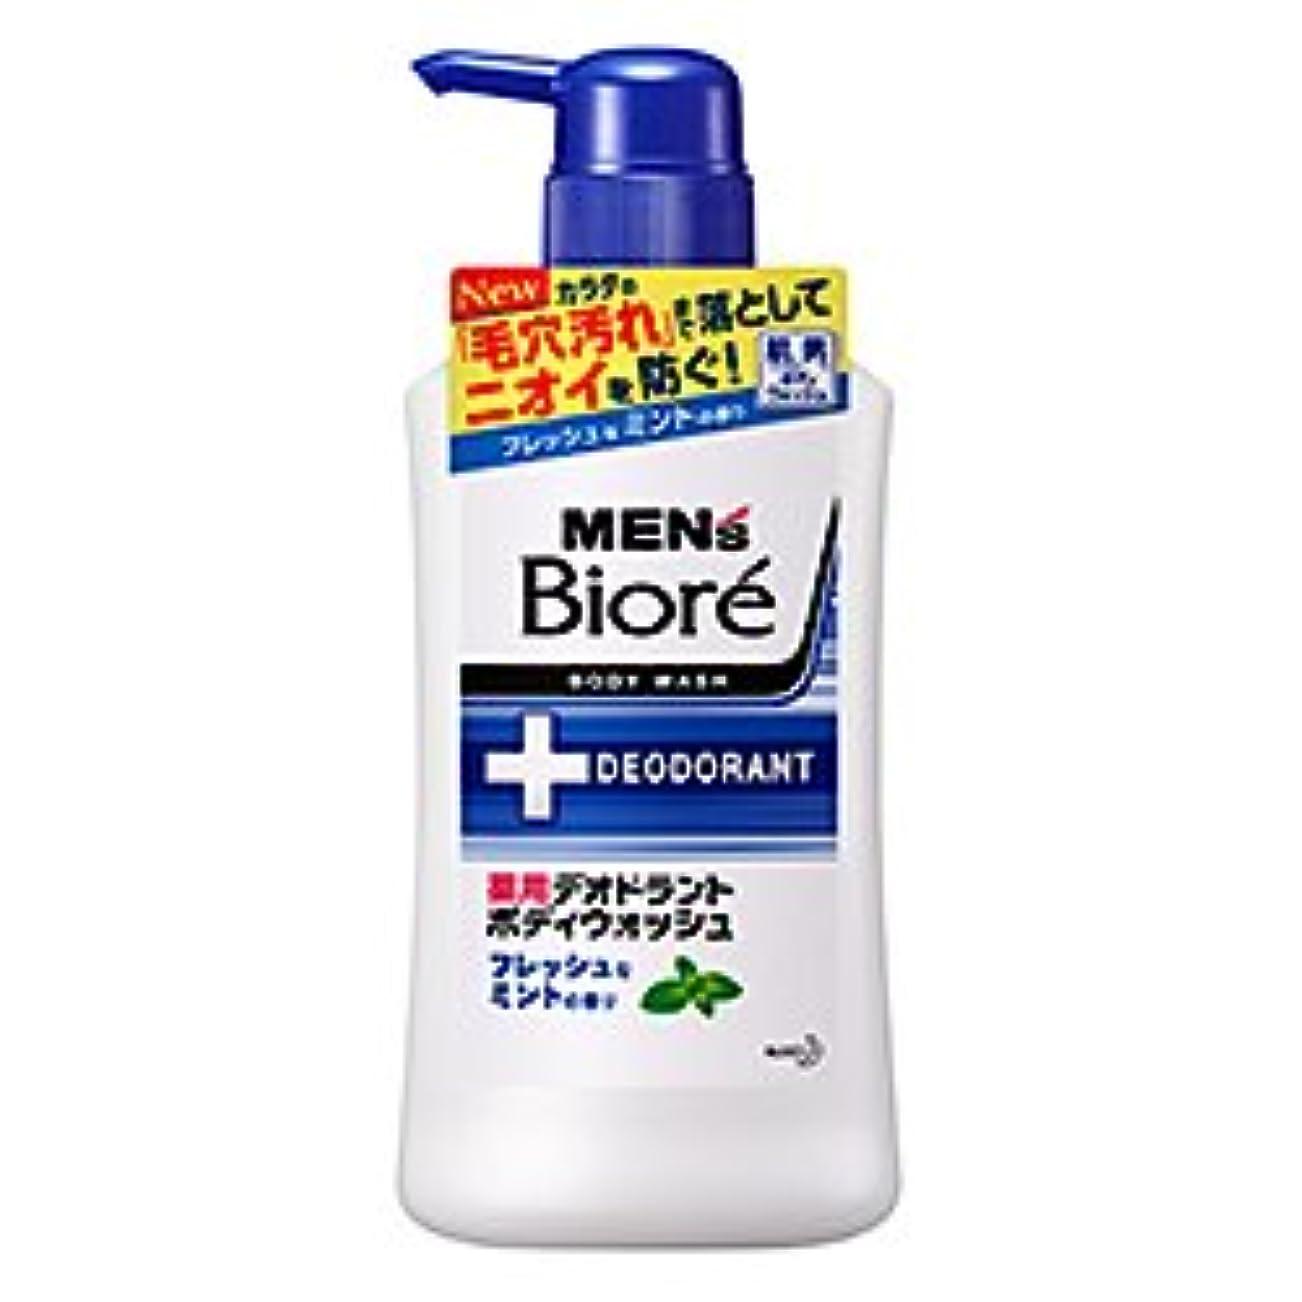 【花王】メンズビオレ 薬用デオドラントボディウォッシュ フレッシュなミントの香り 本体 440ml ×20個セット